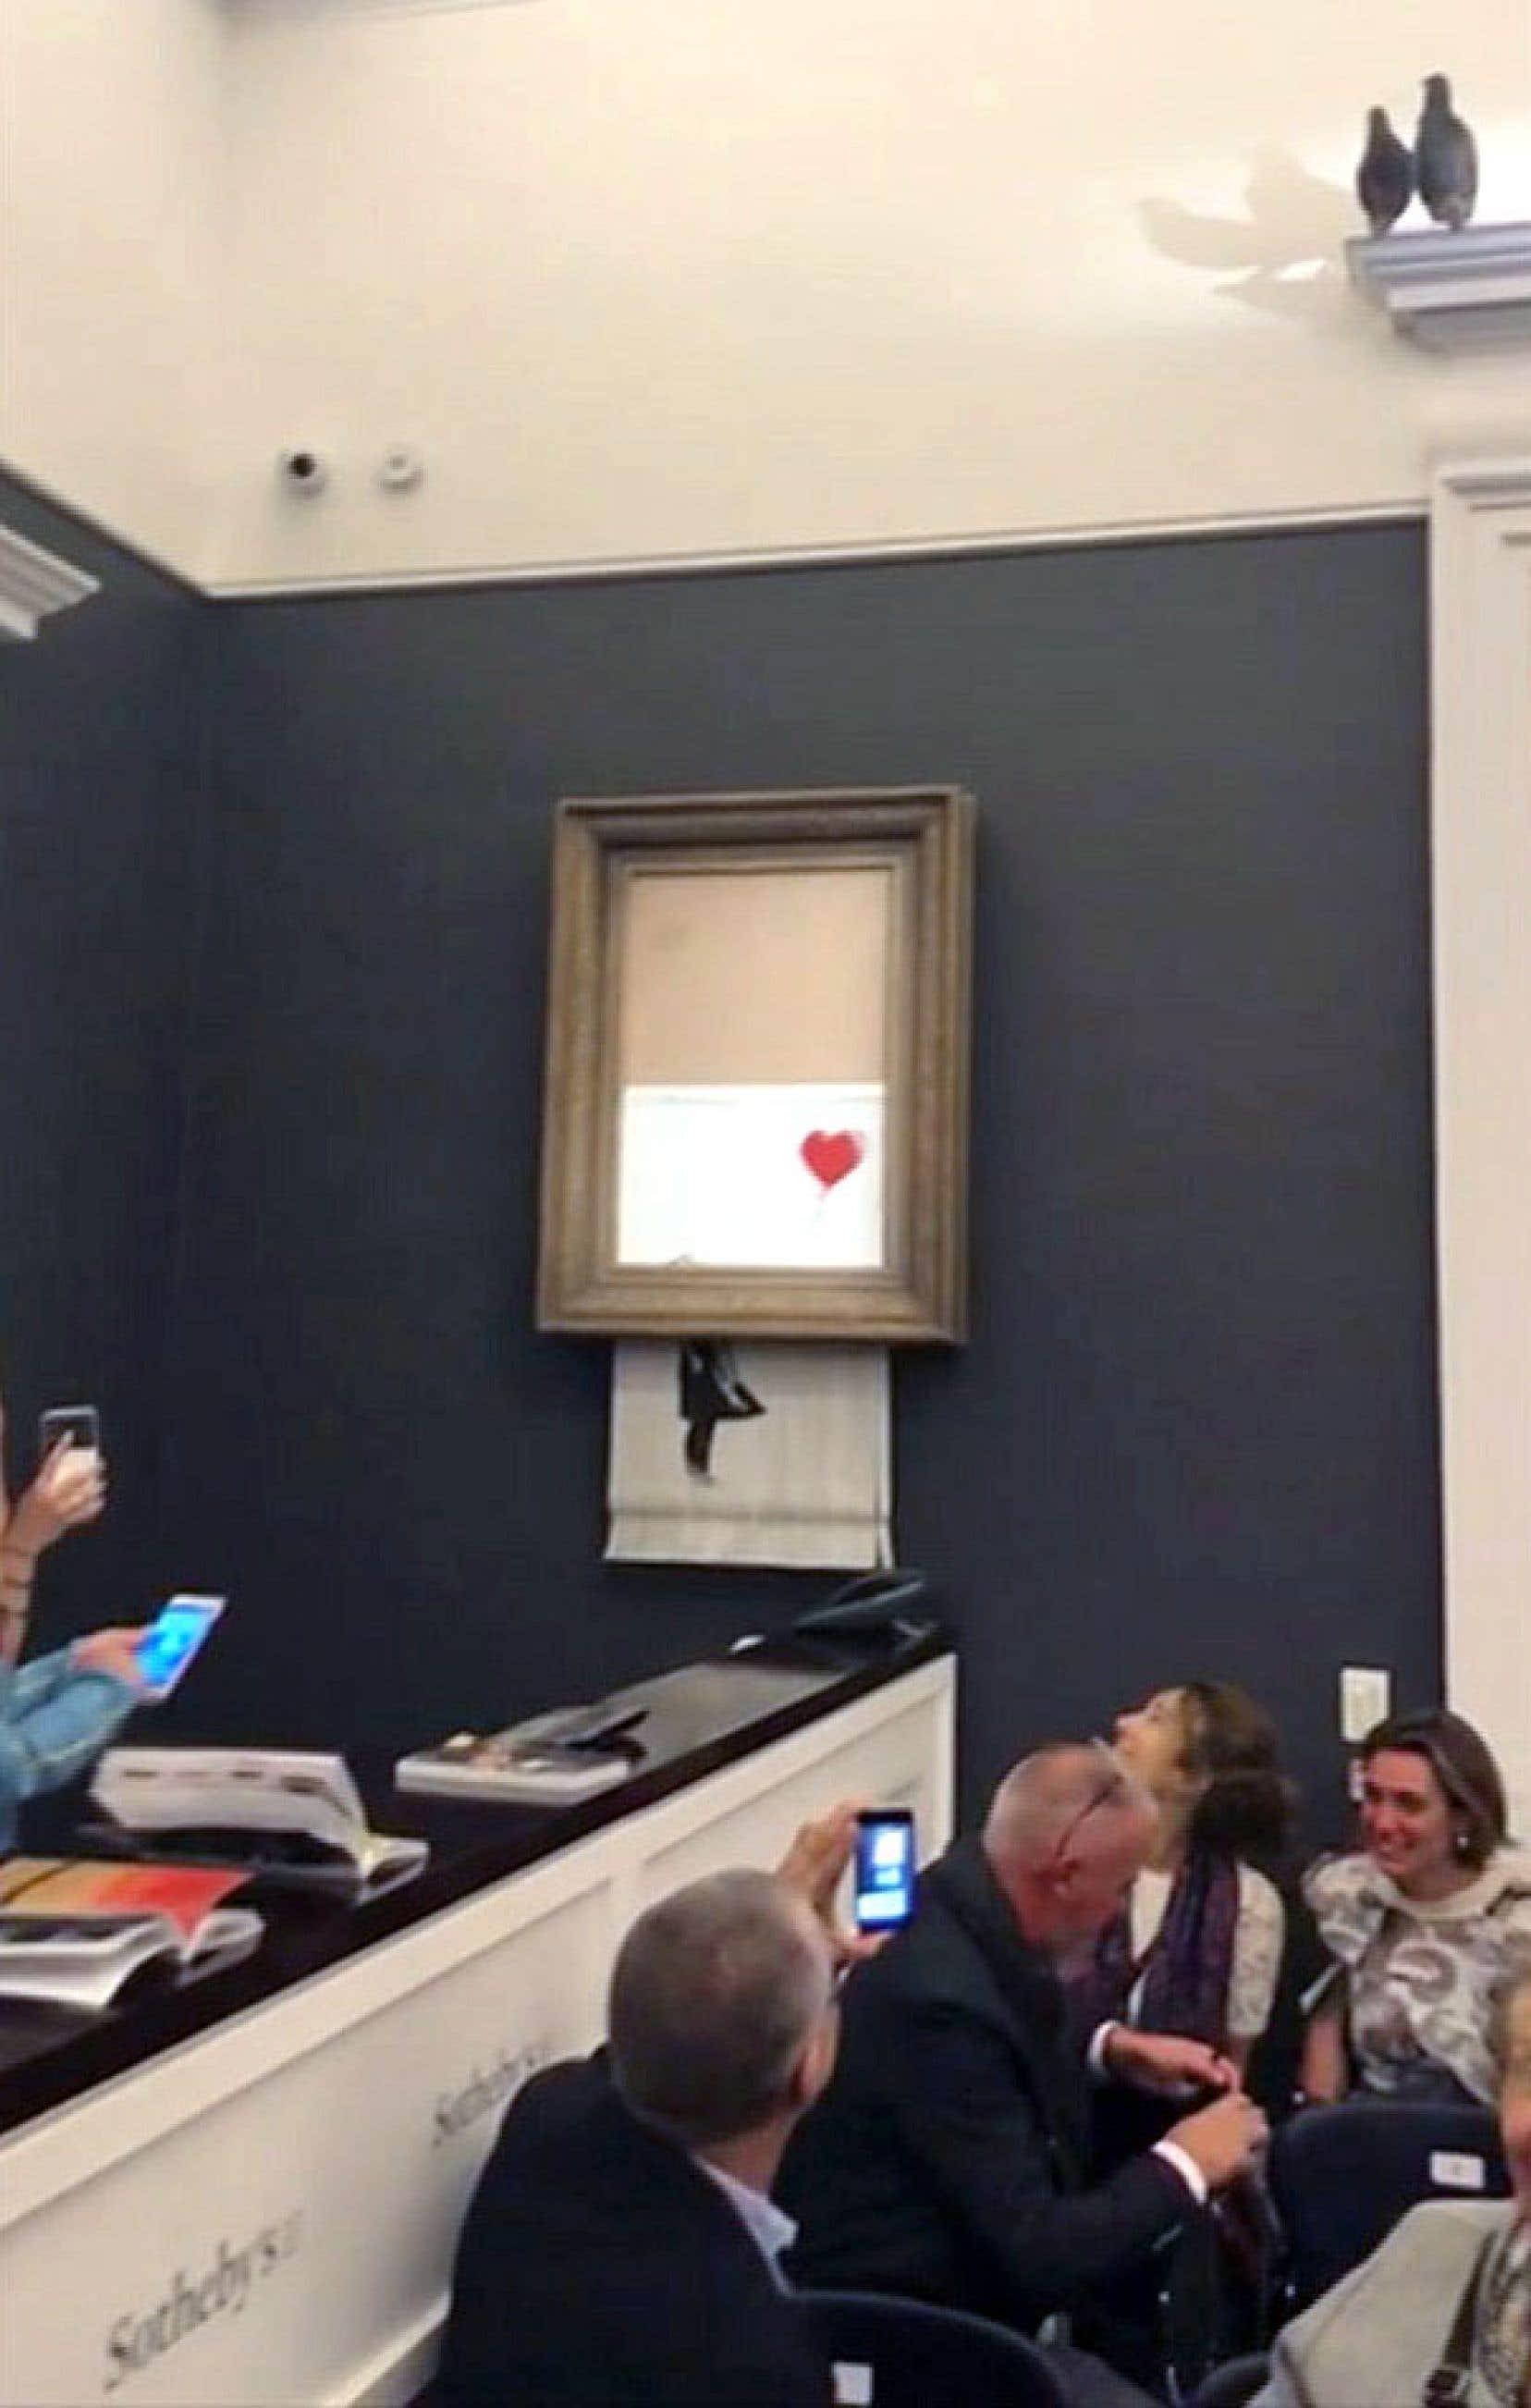 Sitôt <em>La petite fille au ballon rouge</em> adjugée, l'œuvre de Banksy a glissé hors de son gros cadre pour être à moitié réduite en bandelettes par une déchiqueteuse dissimulée.